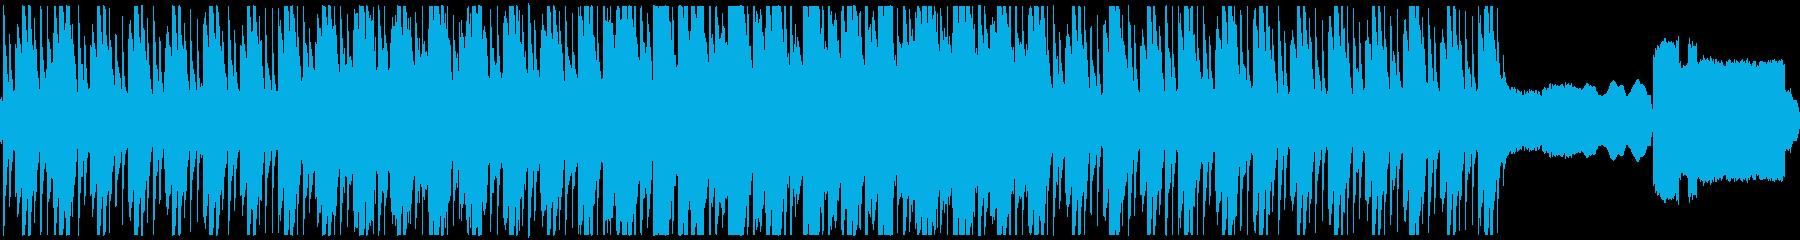 静かな暗い森をイメージした曲 ループ版の再生済みの波形